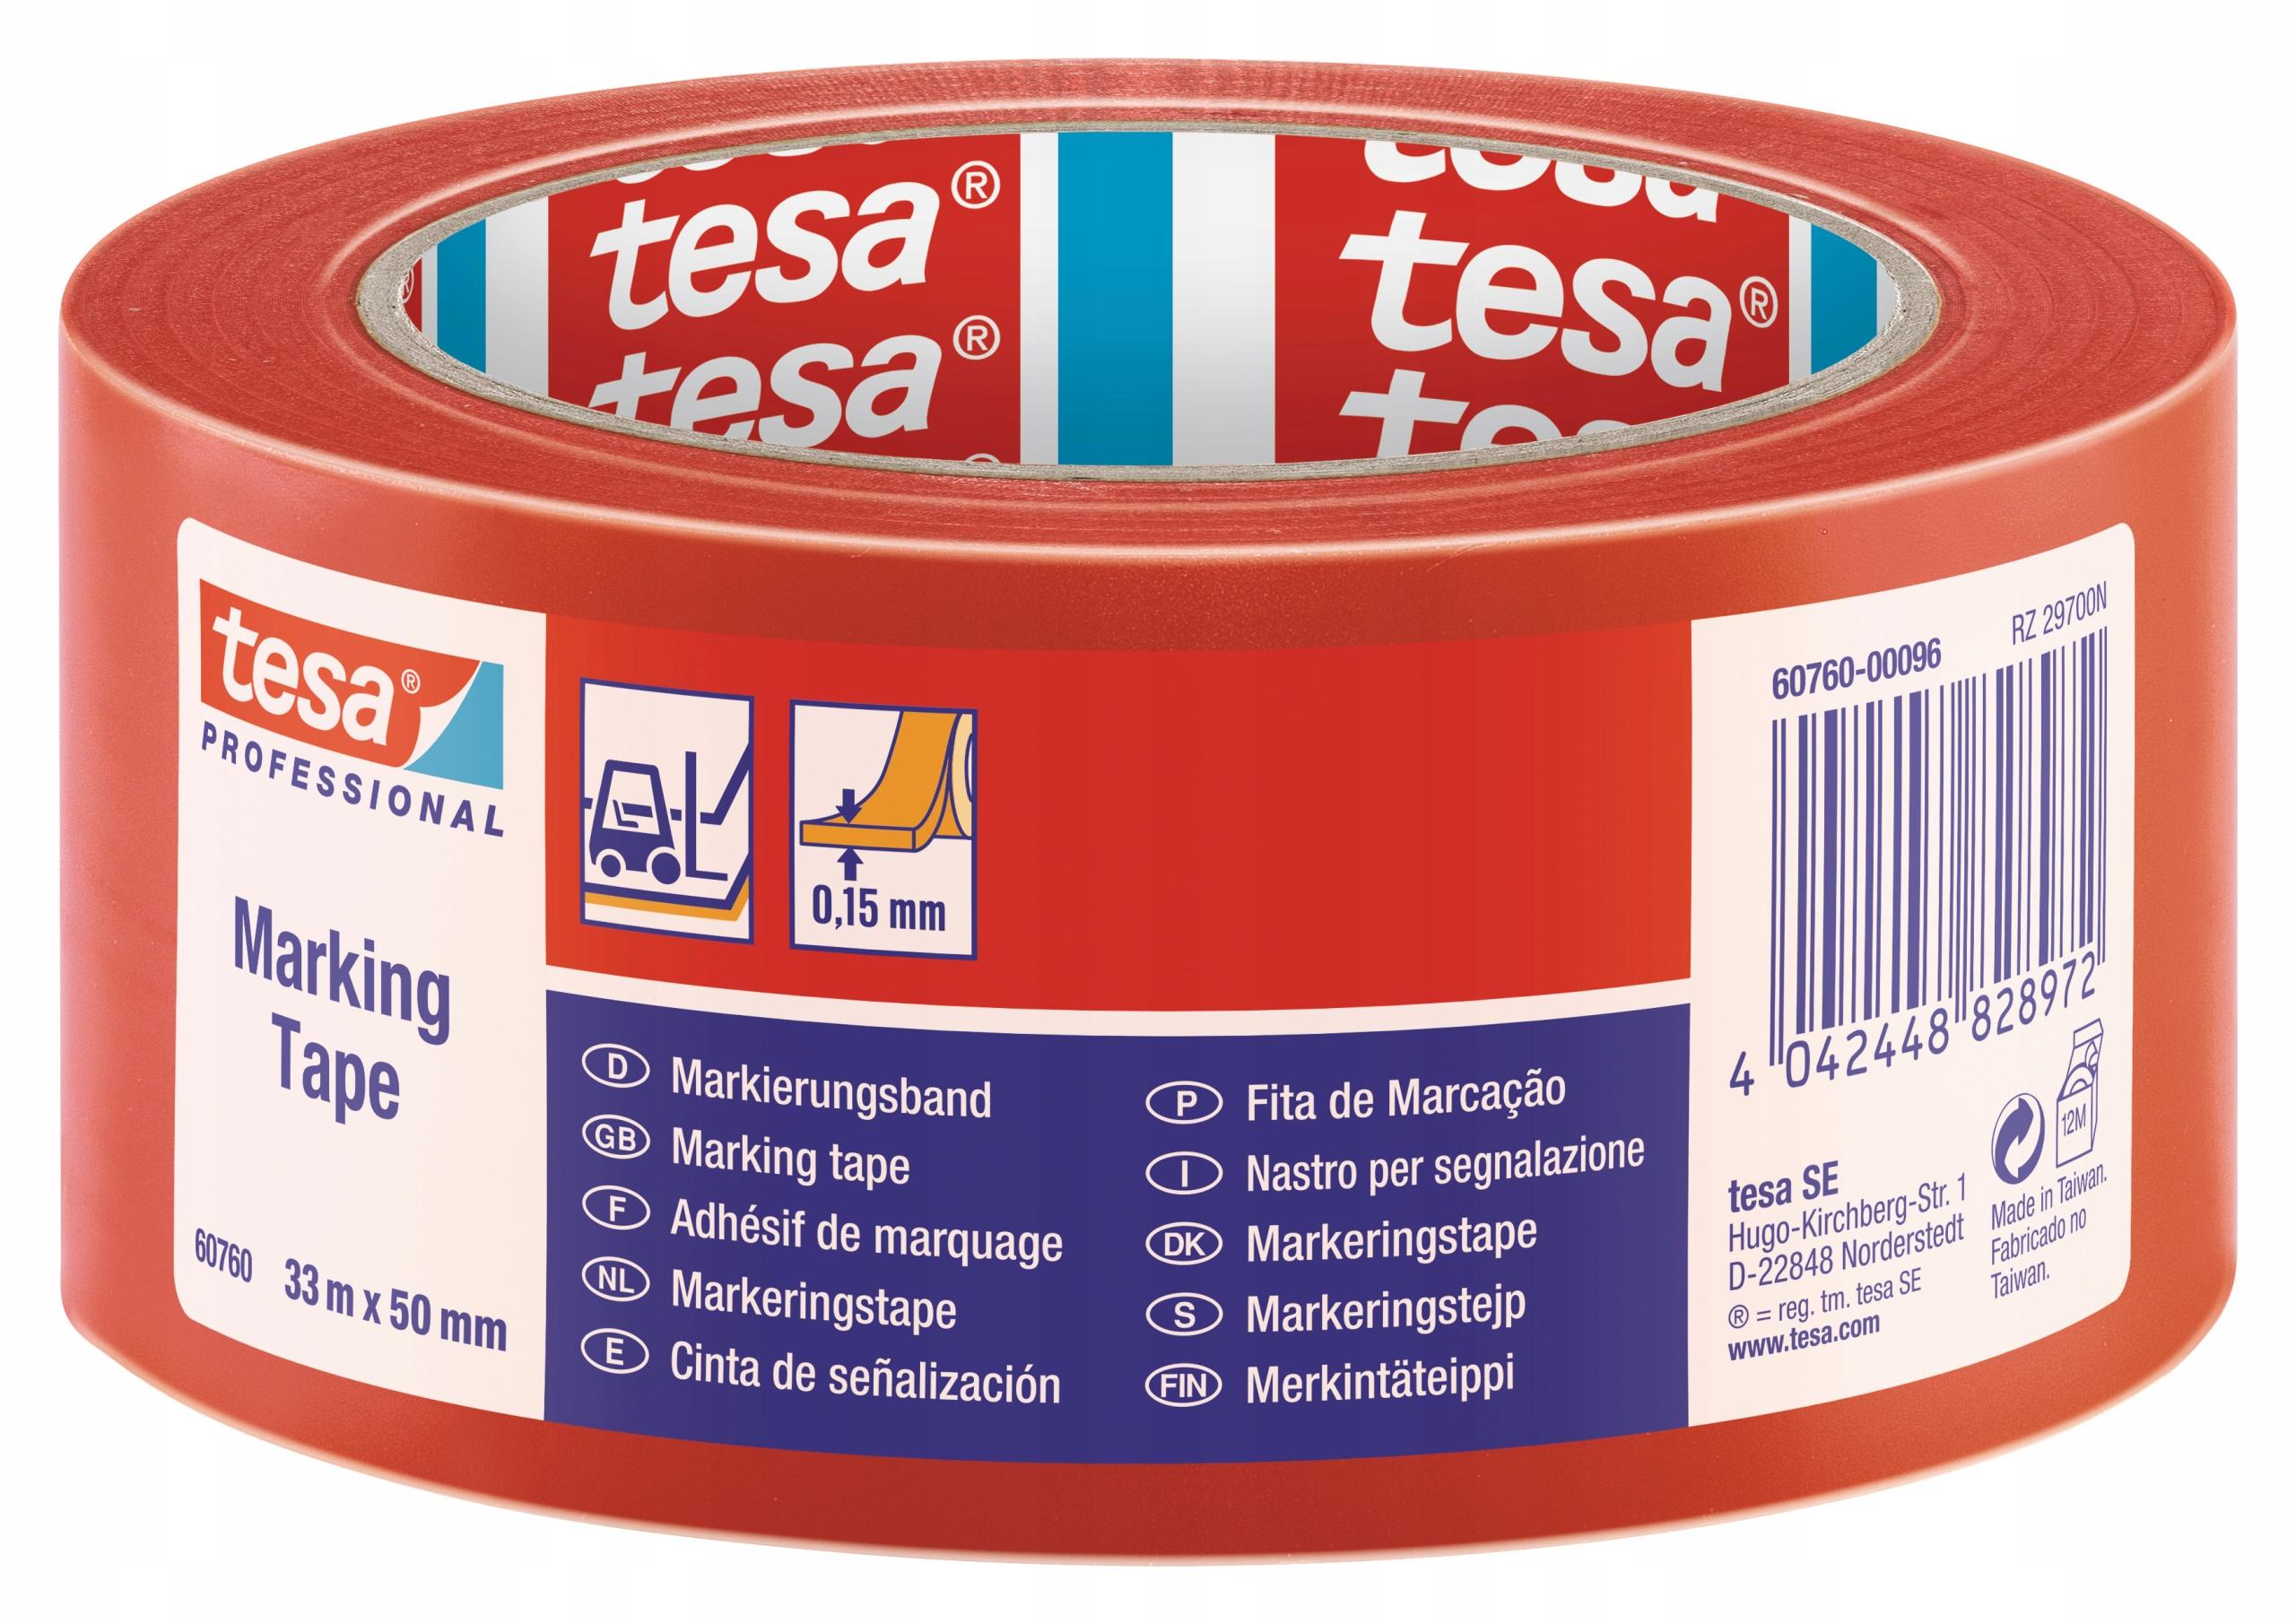 Предупреждающая лента tesa красный 33m x 50mm